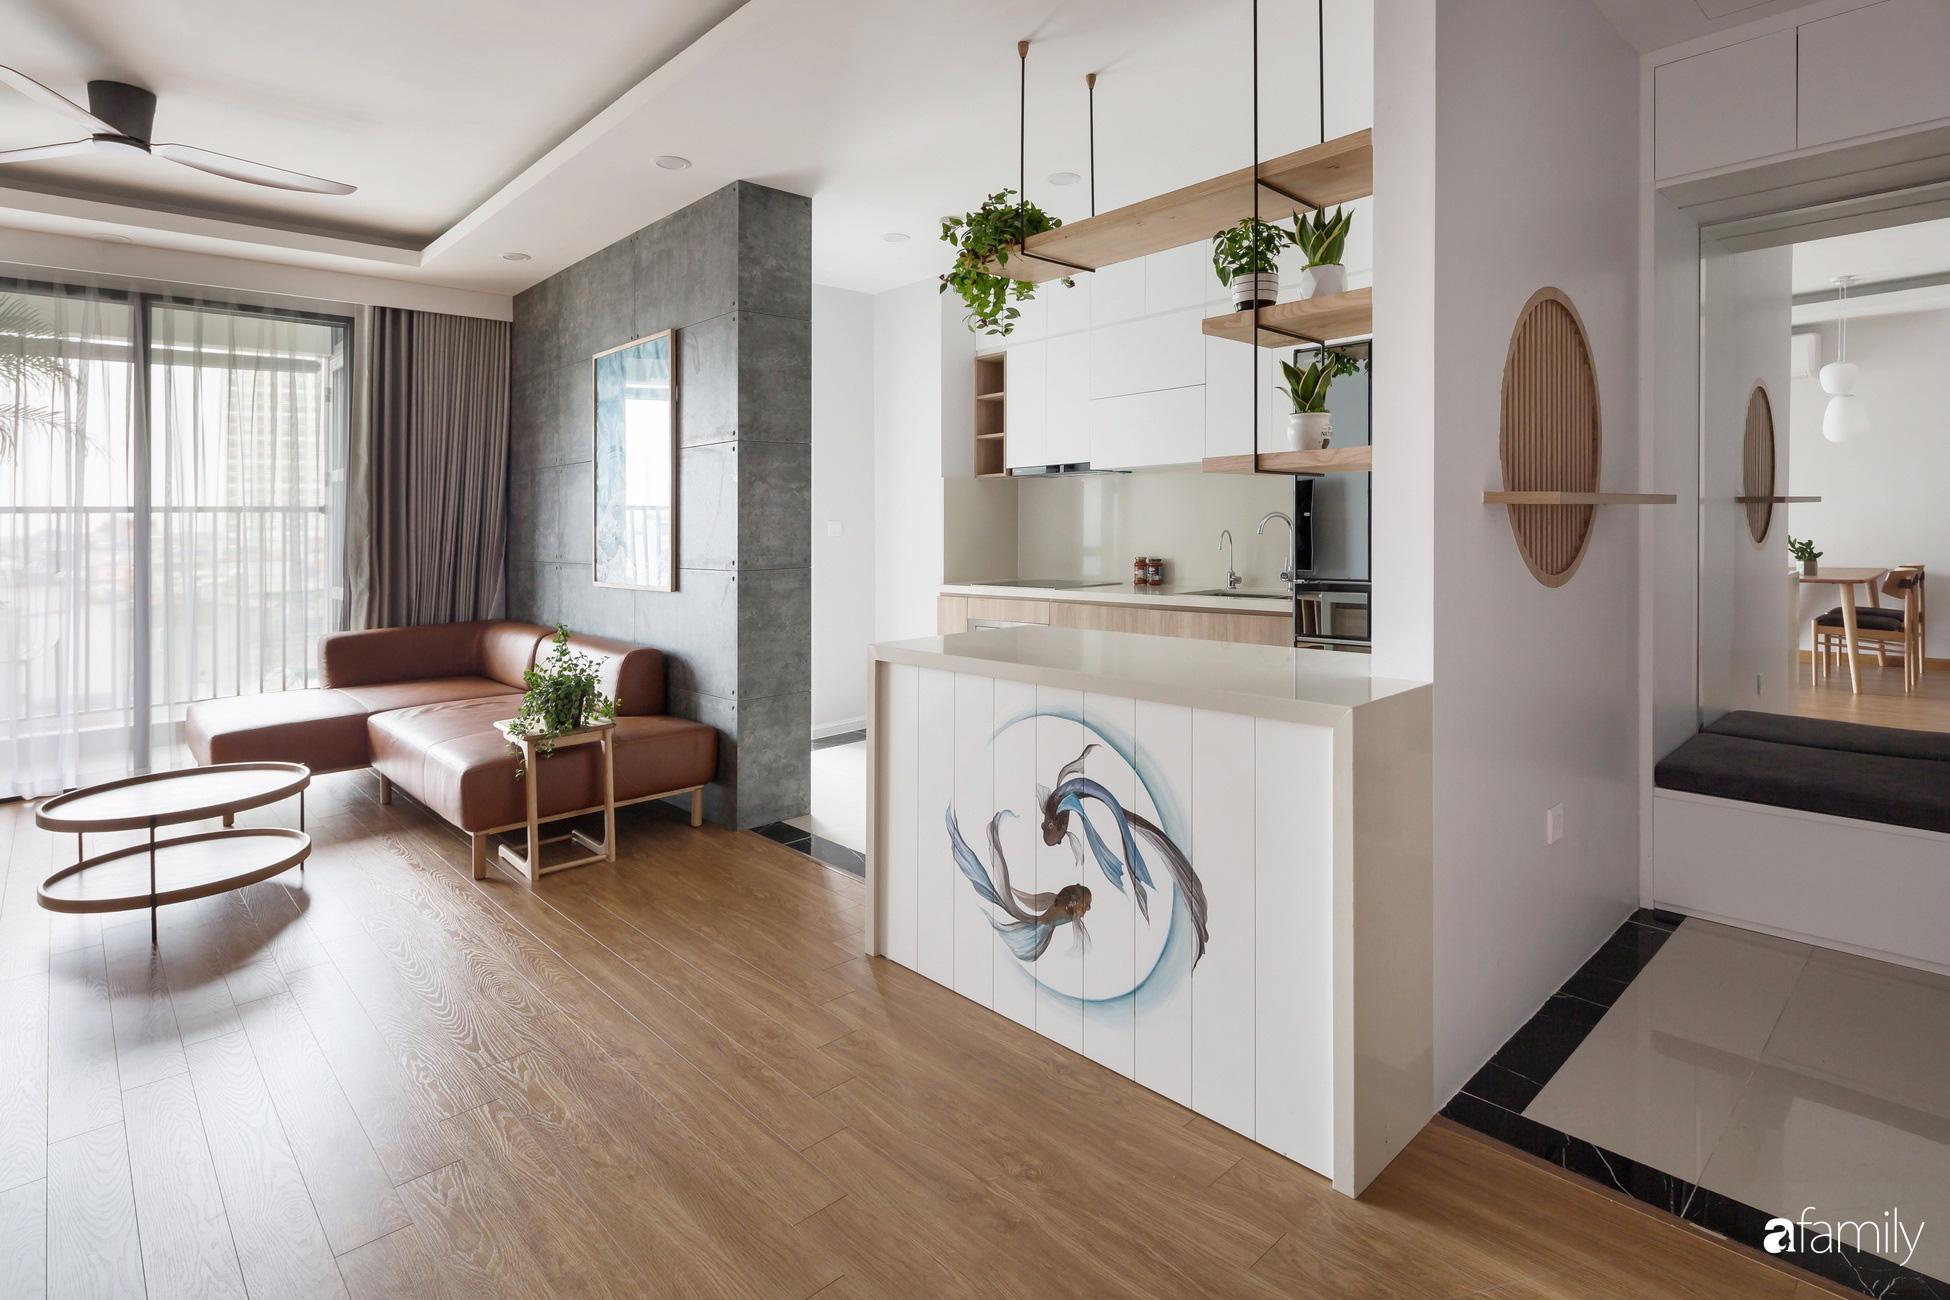 Căn hộ tối giản hút hồn từng mét vuông cho gia đình 6 người ở Minh Khai, Hà Nội - Ảnh 5.